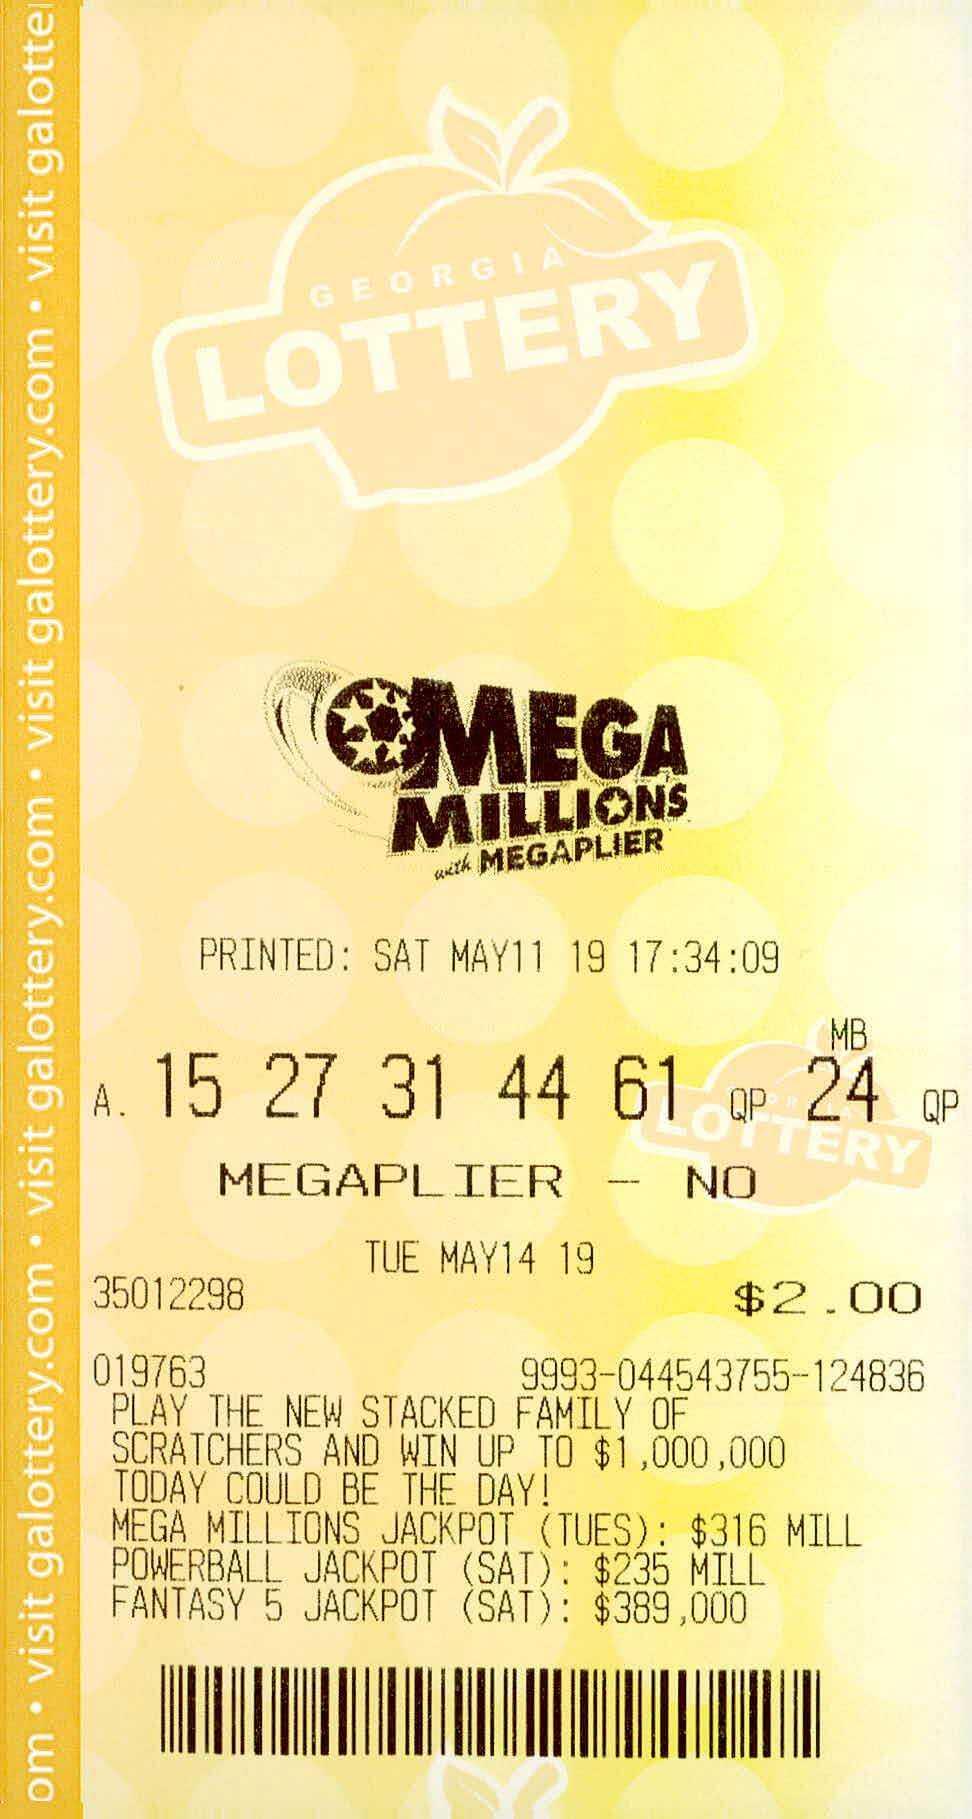 Lotterie Mega Millionen - Regeln, Gewinnchancen, Ergebnisse + Anleitung, wie man aus Russland spielt